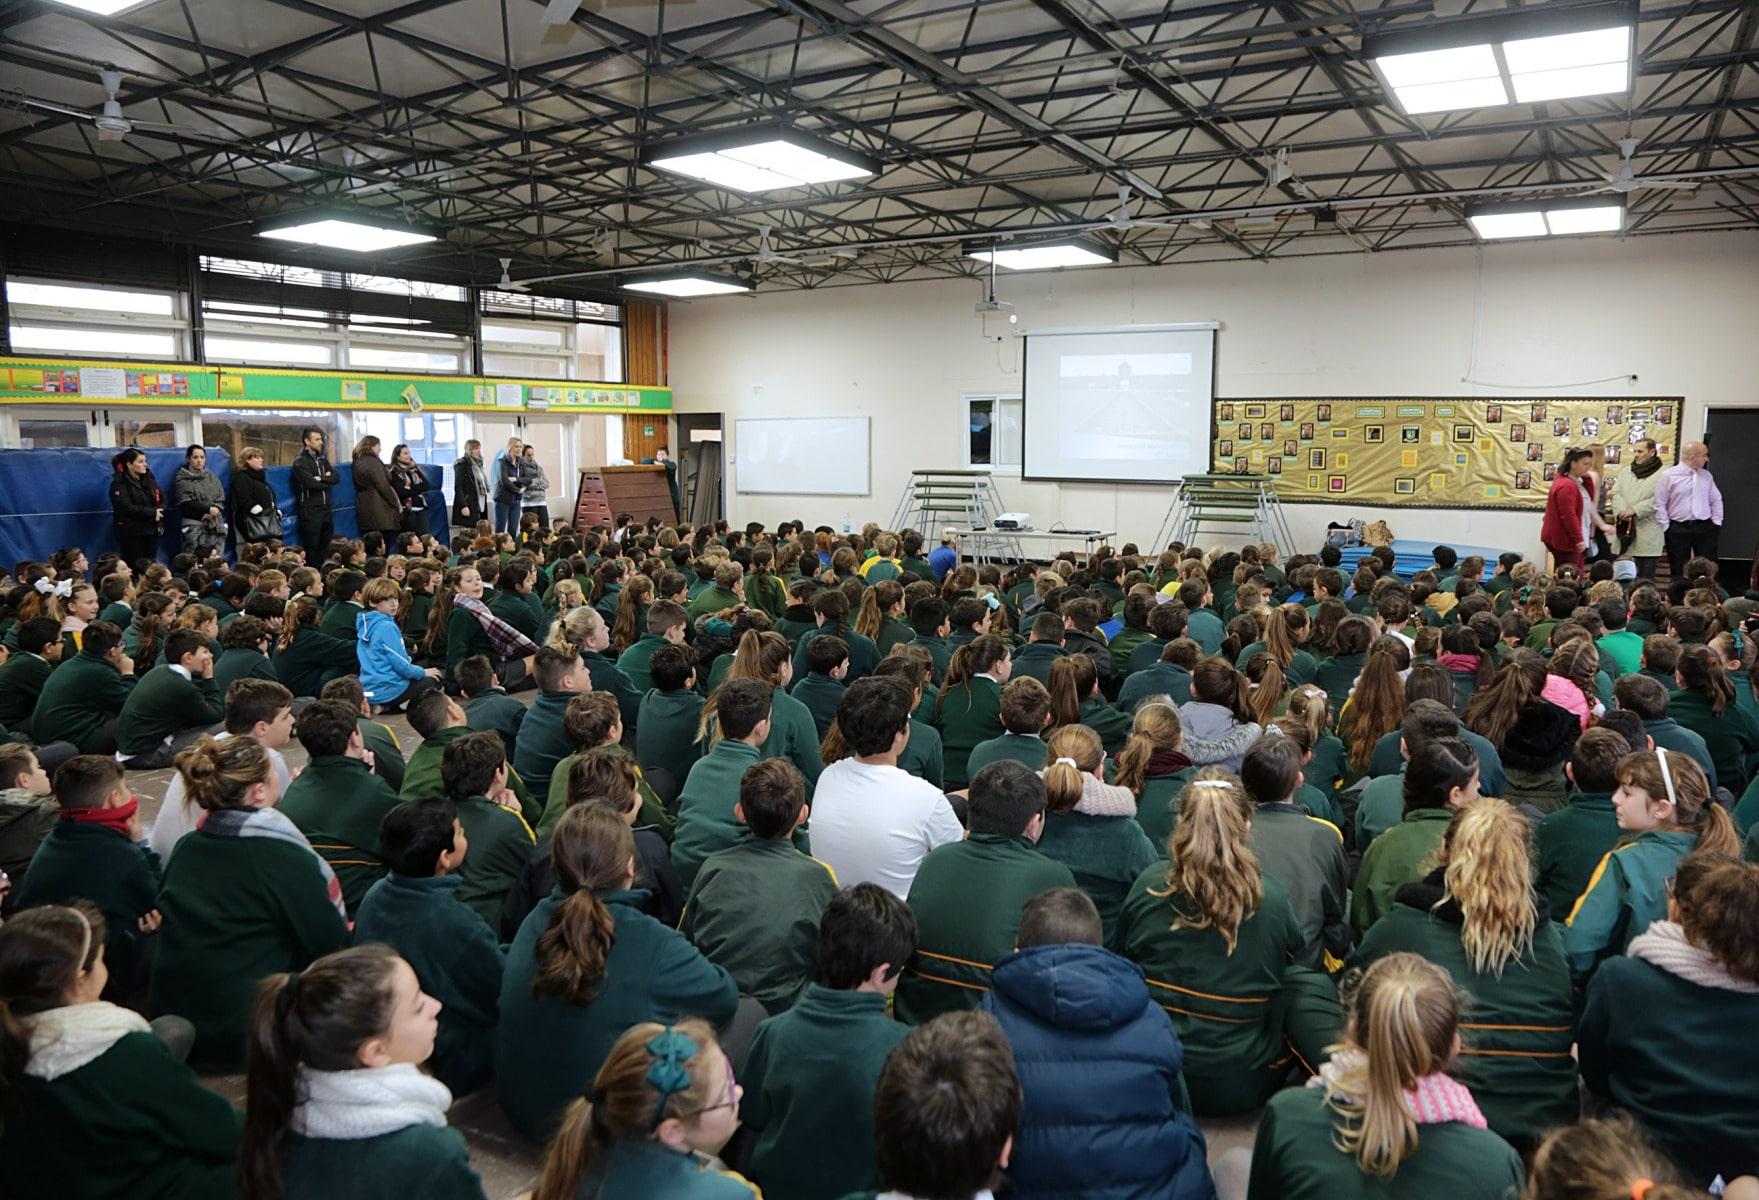 27-ene-17-alumnos-de-la-escuela-obispo-fitzgerald-de-gibraltar-conmemoran-el-holocausto_31742372953_o